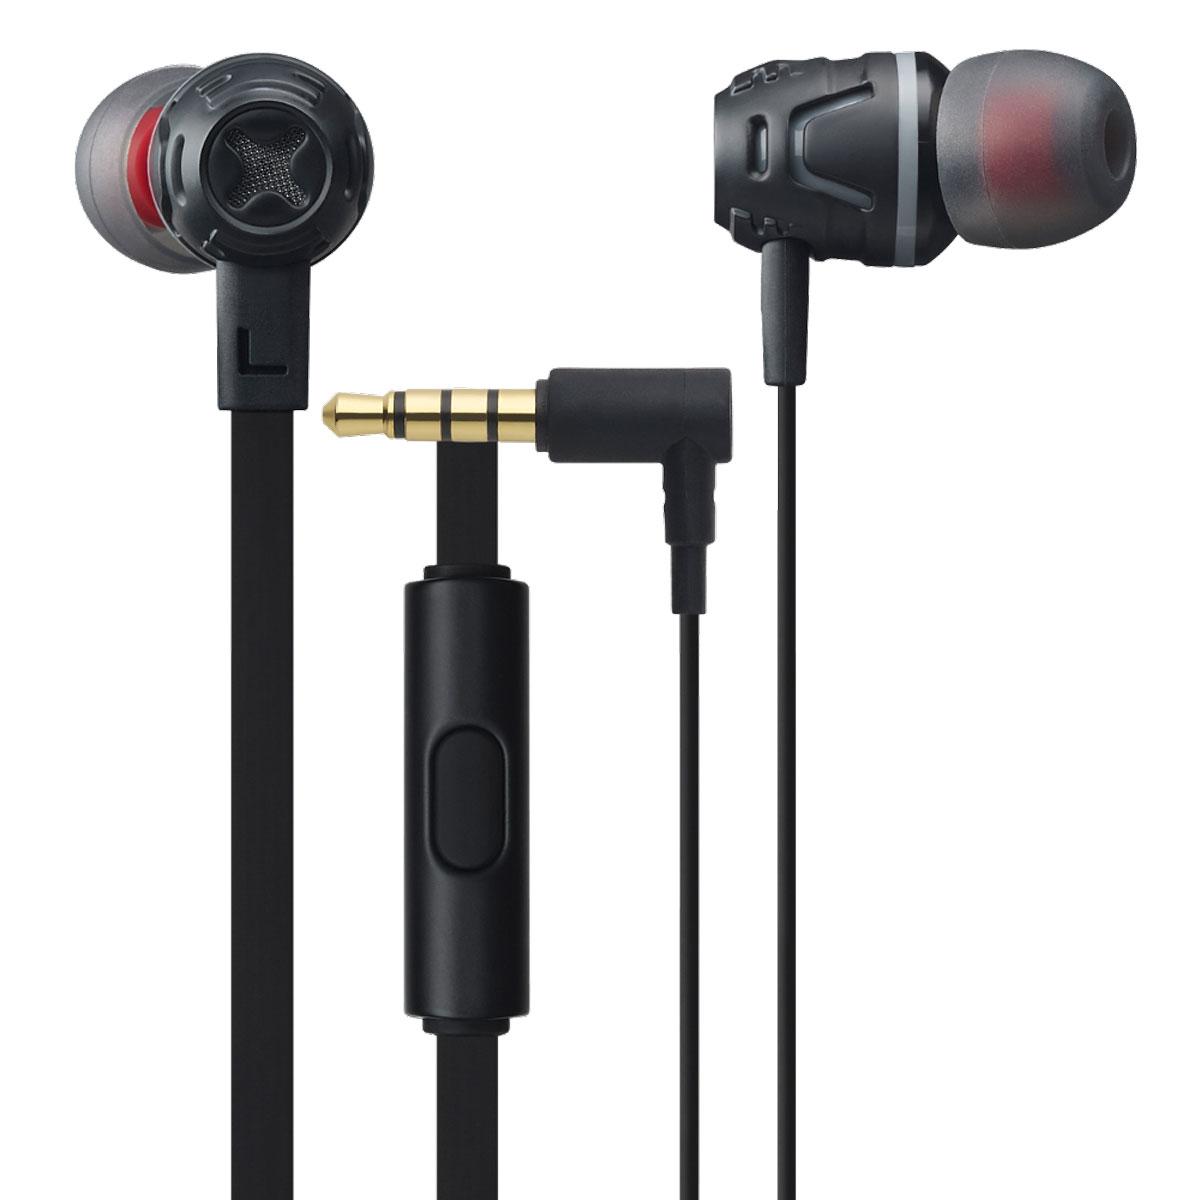 Cresyn C450S, Black наушники с микрофономC450S BlackВставные наушники с микрофоном Cresyn C450S совершенны в своем исполнении. Яркий дизайн и множество цветовых вариантов рассчитаны на взыскательный вкус стремительных и энергичных. Крупные 10-миллиметровые динамики с неодимовыми магнитами выдают детализированный звук, насыщенный глубокими басами. Открытое акустическое оформление способствует предельно естественному звучанию, апосадка в ушном канале с подобранными по размеру насадками изолирует шумы извне. Плоский кабель не спутывается и отличается повышенной прочностью. Двухцветные насадки разных размеров не только позволяют получить максимальный комфорт при ношении, но и радуют сочетанием цветов.Пульт, встроенный в кабель стерео-гарнитуры Cresyn C450S, располагает кнопкой для ответа на входящие вызовы. Высокочувствительный ненаправленный микрофон с максимальной четкостью захватывает ваш голос при общении, отсекая лишние шумы. Все перечисленные функции позволяют слушать музыку и отвечать на звонки, не доставая смартфон из кармана.